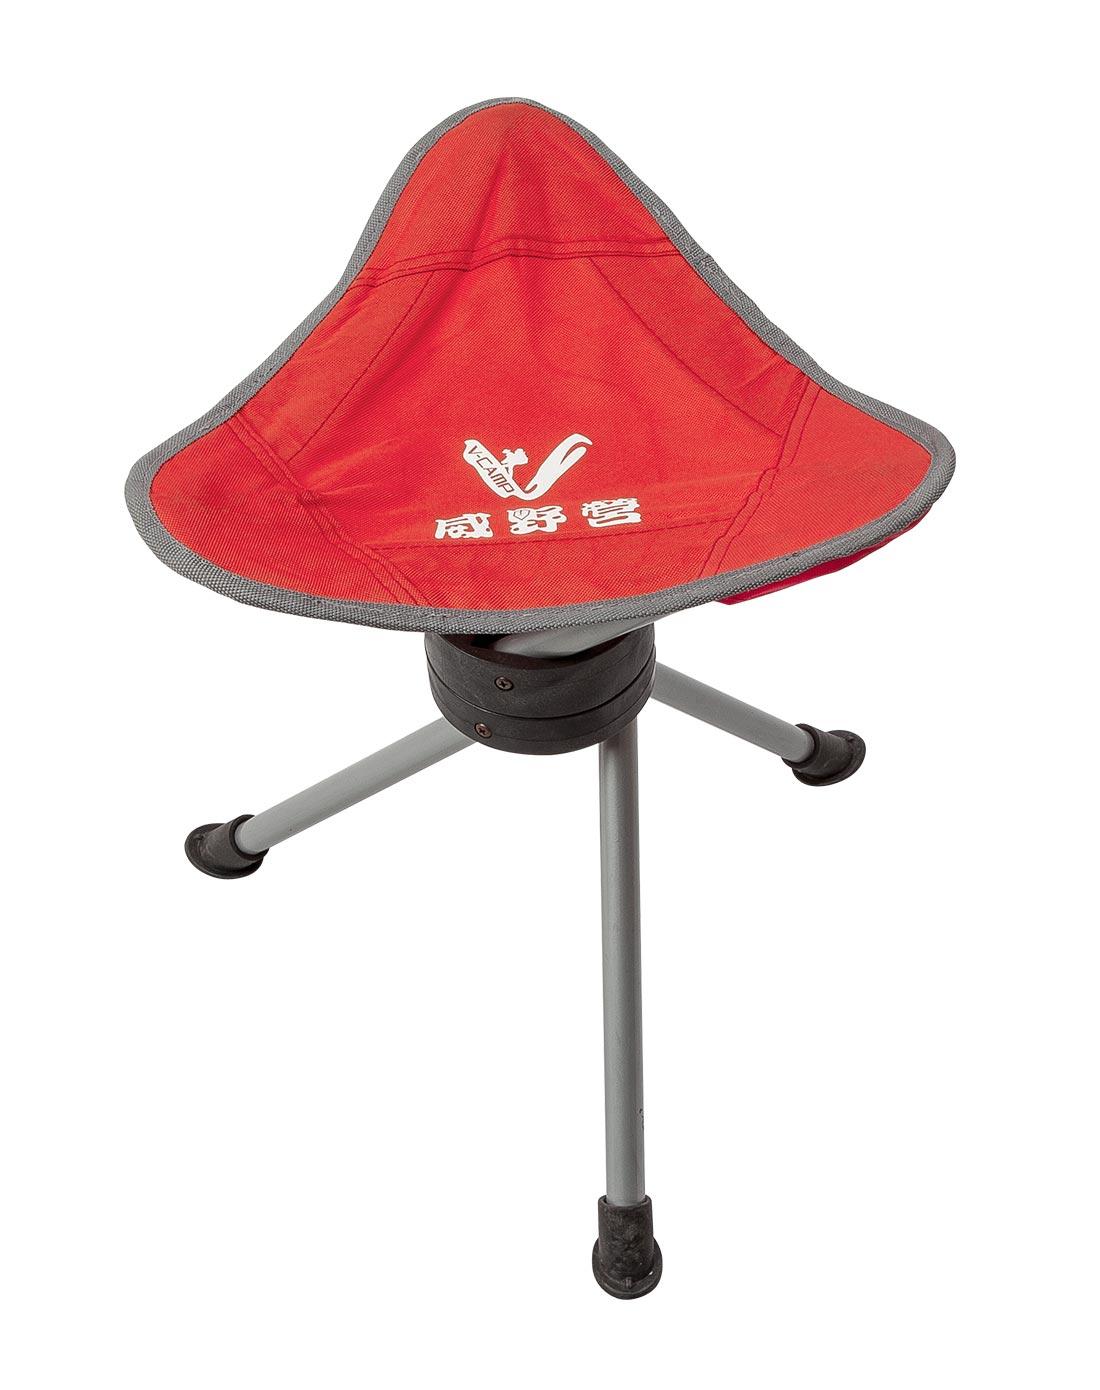 红色360度旋转钓鱼休闲三角凳